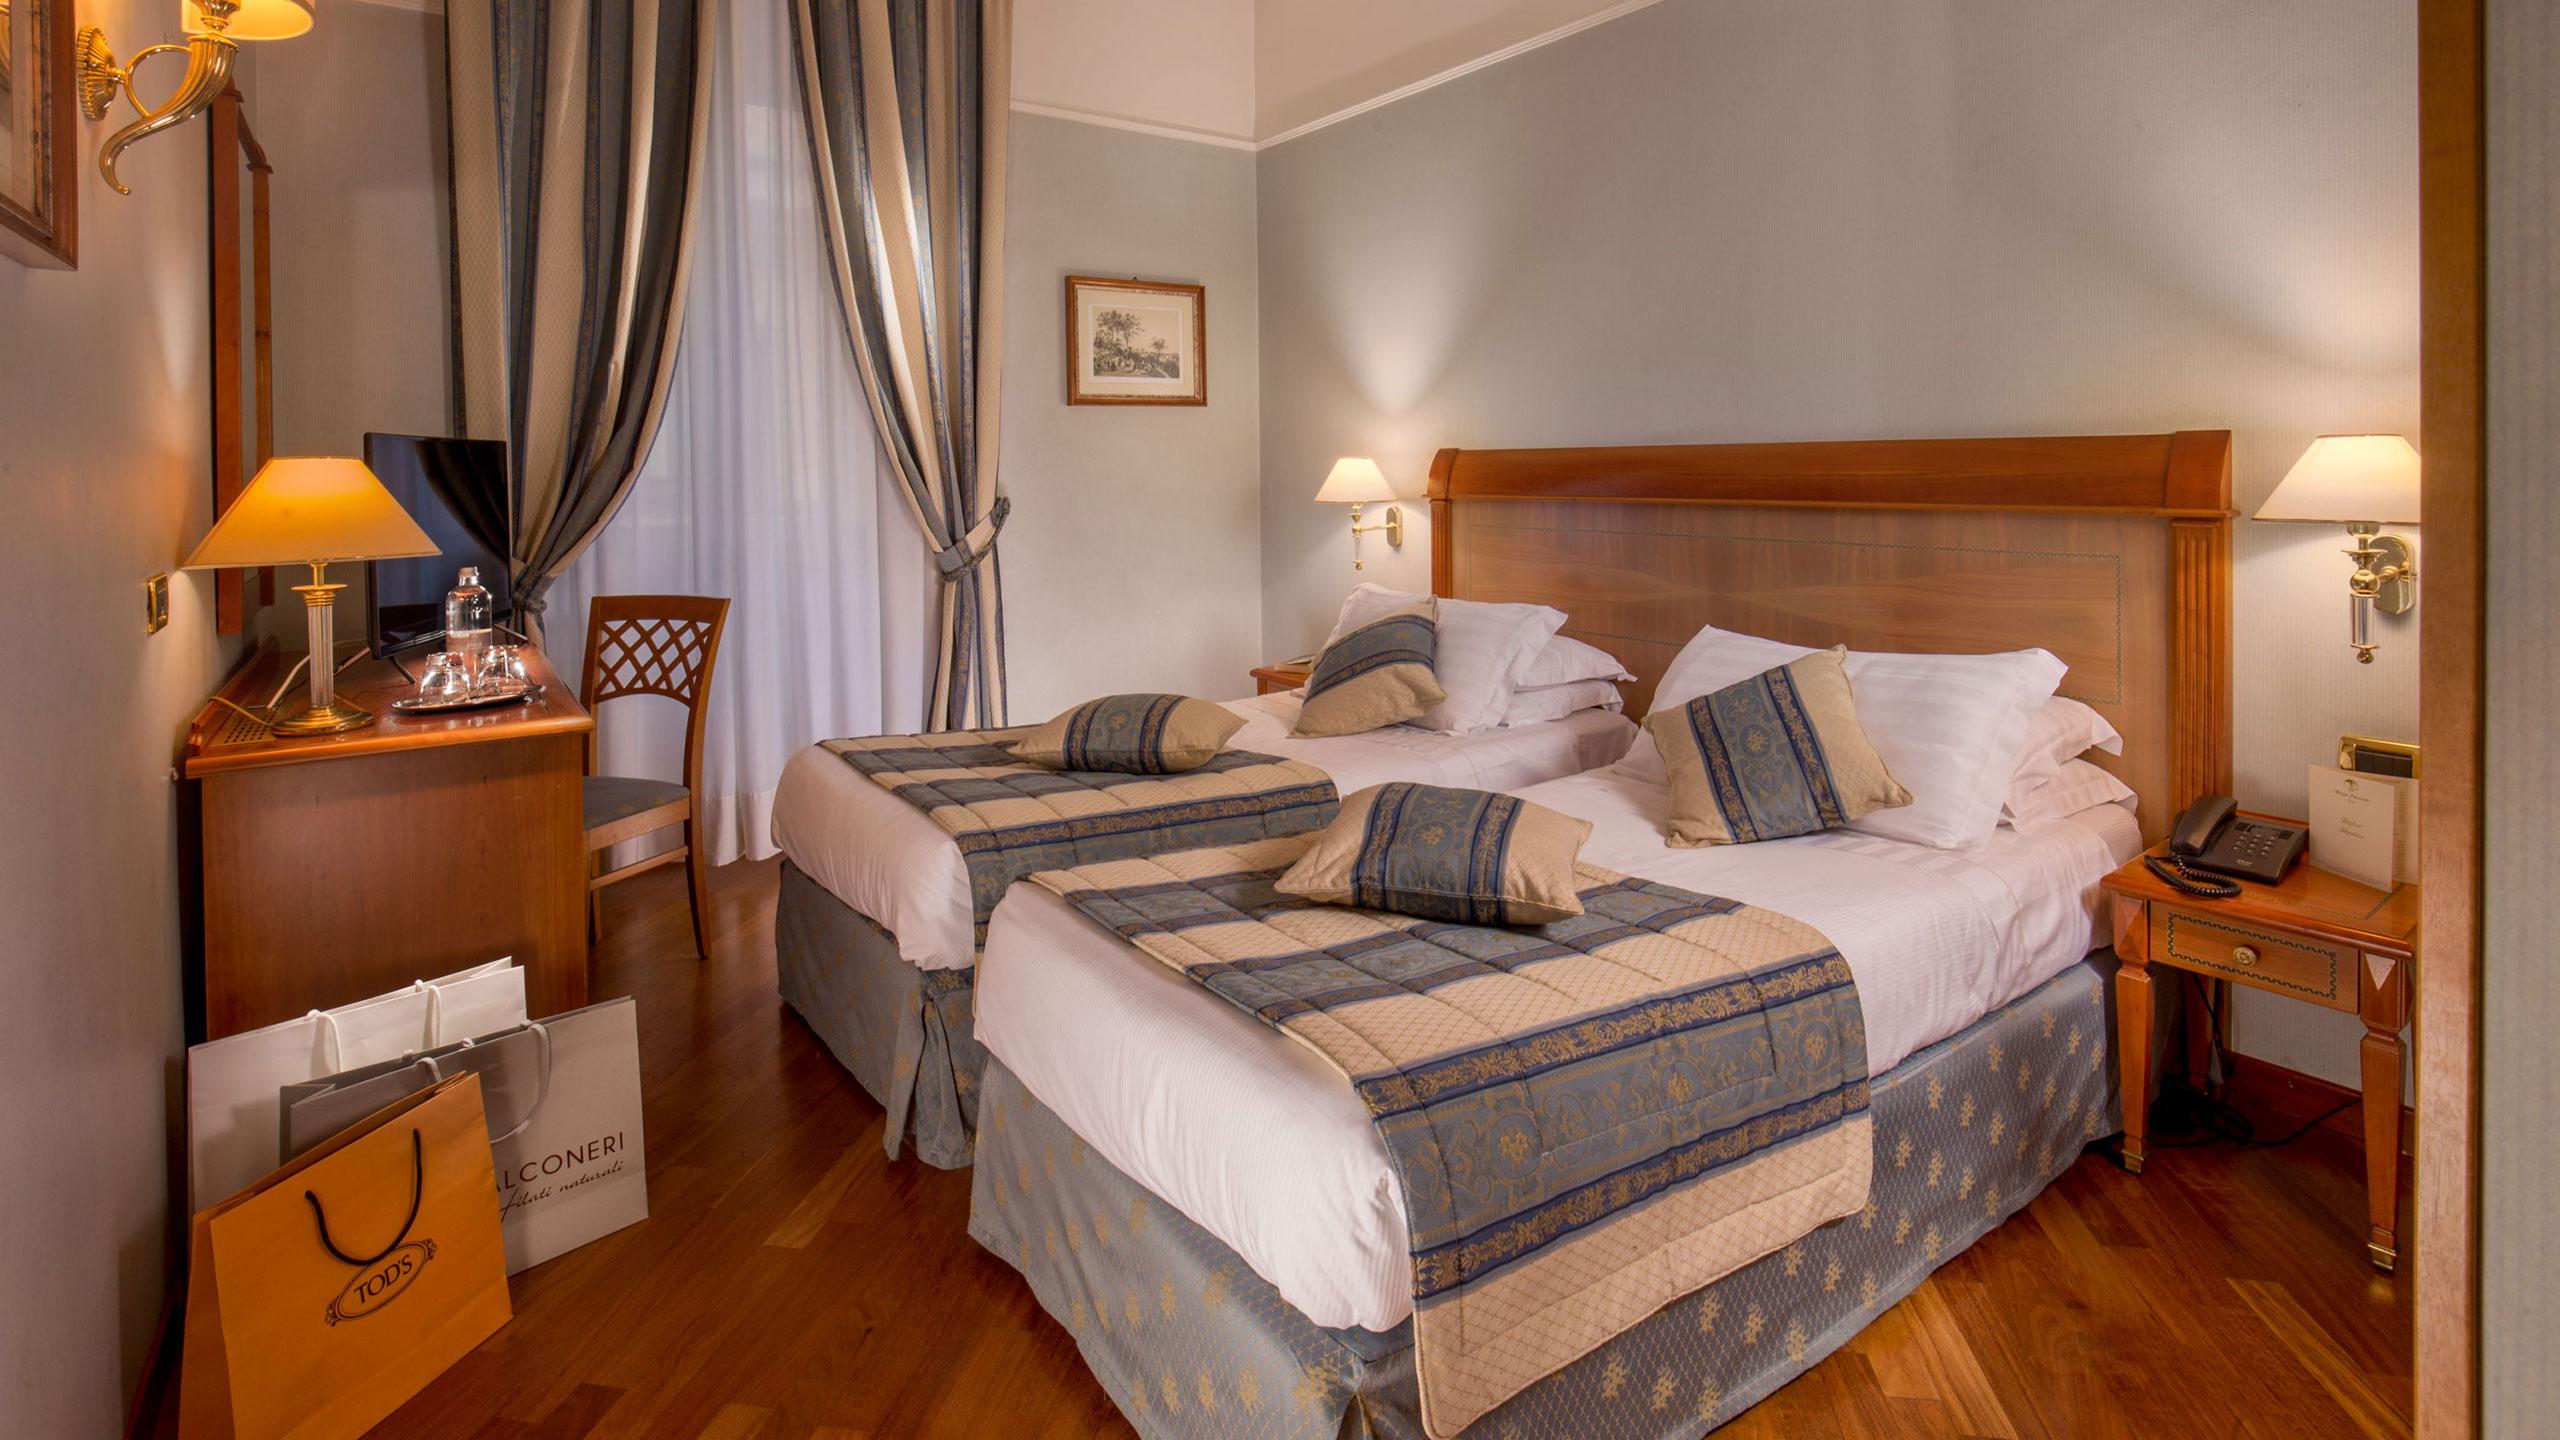 albergo-ottocento-rome-triple-room-deluxe-12